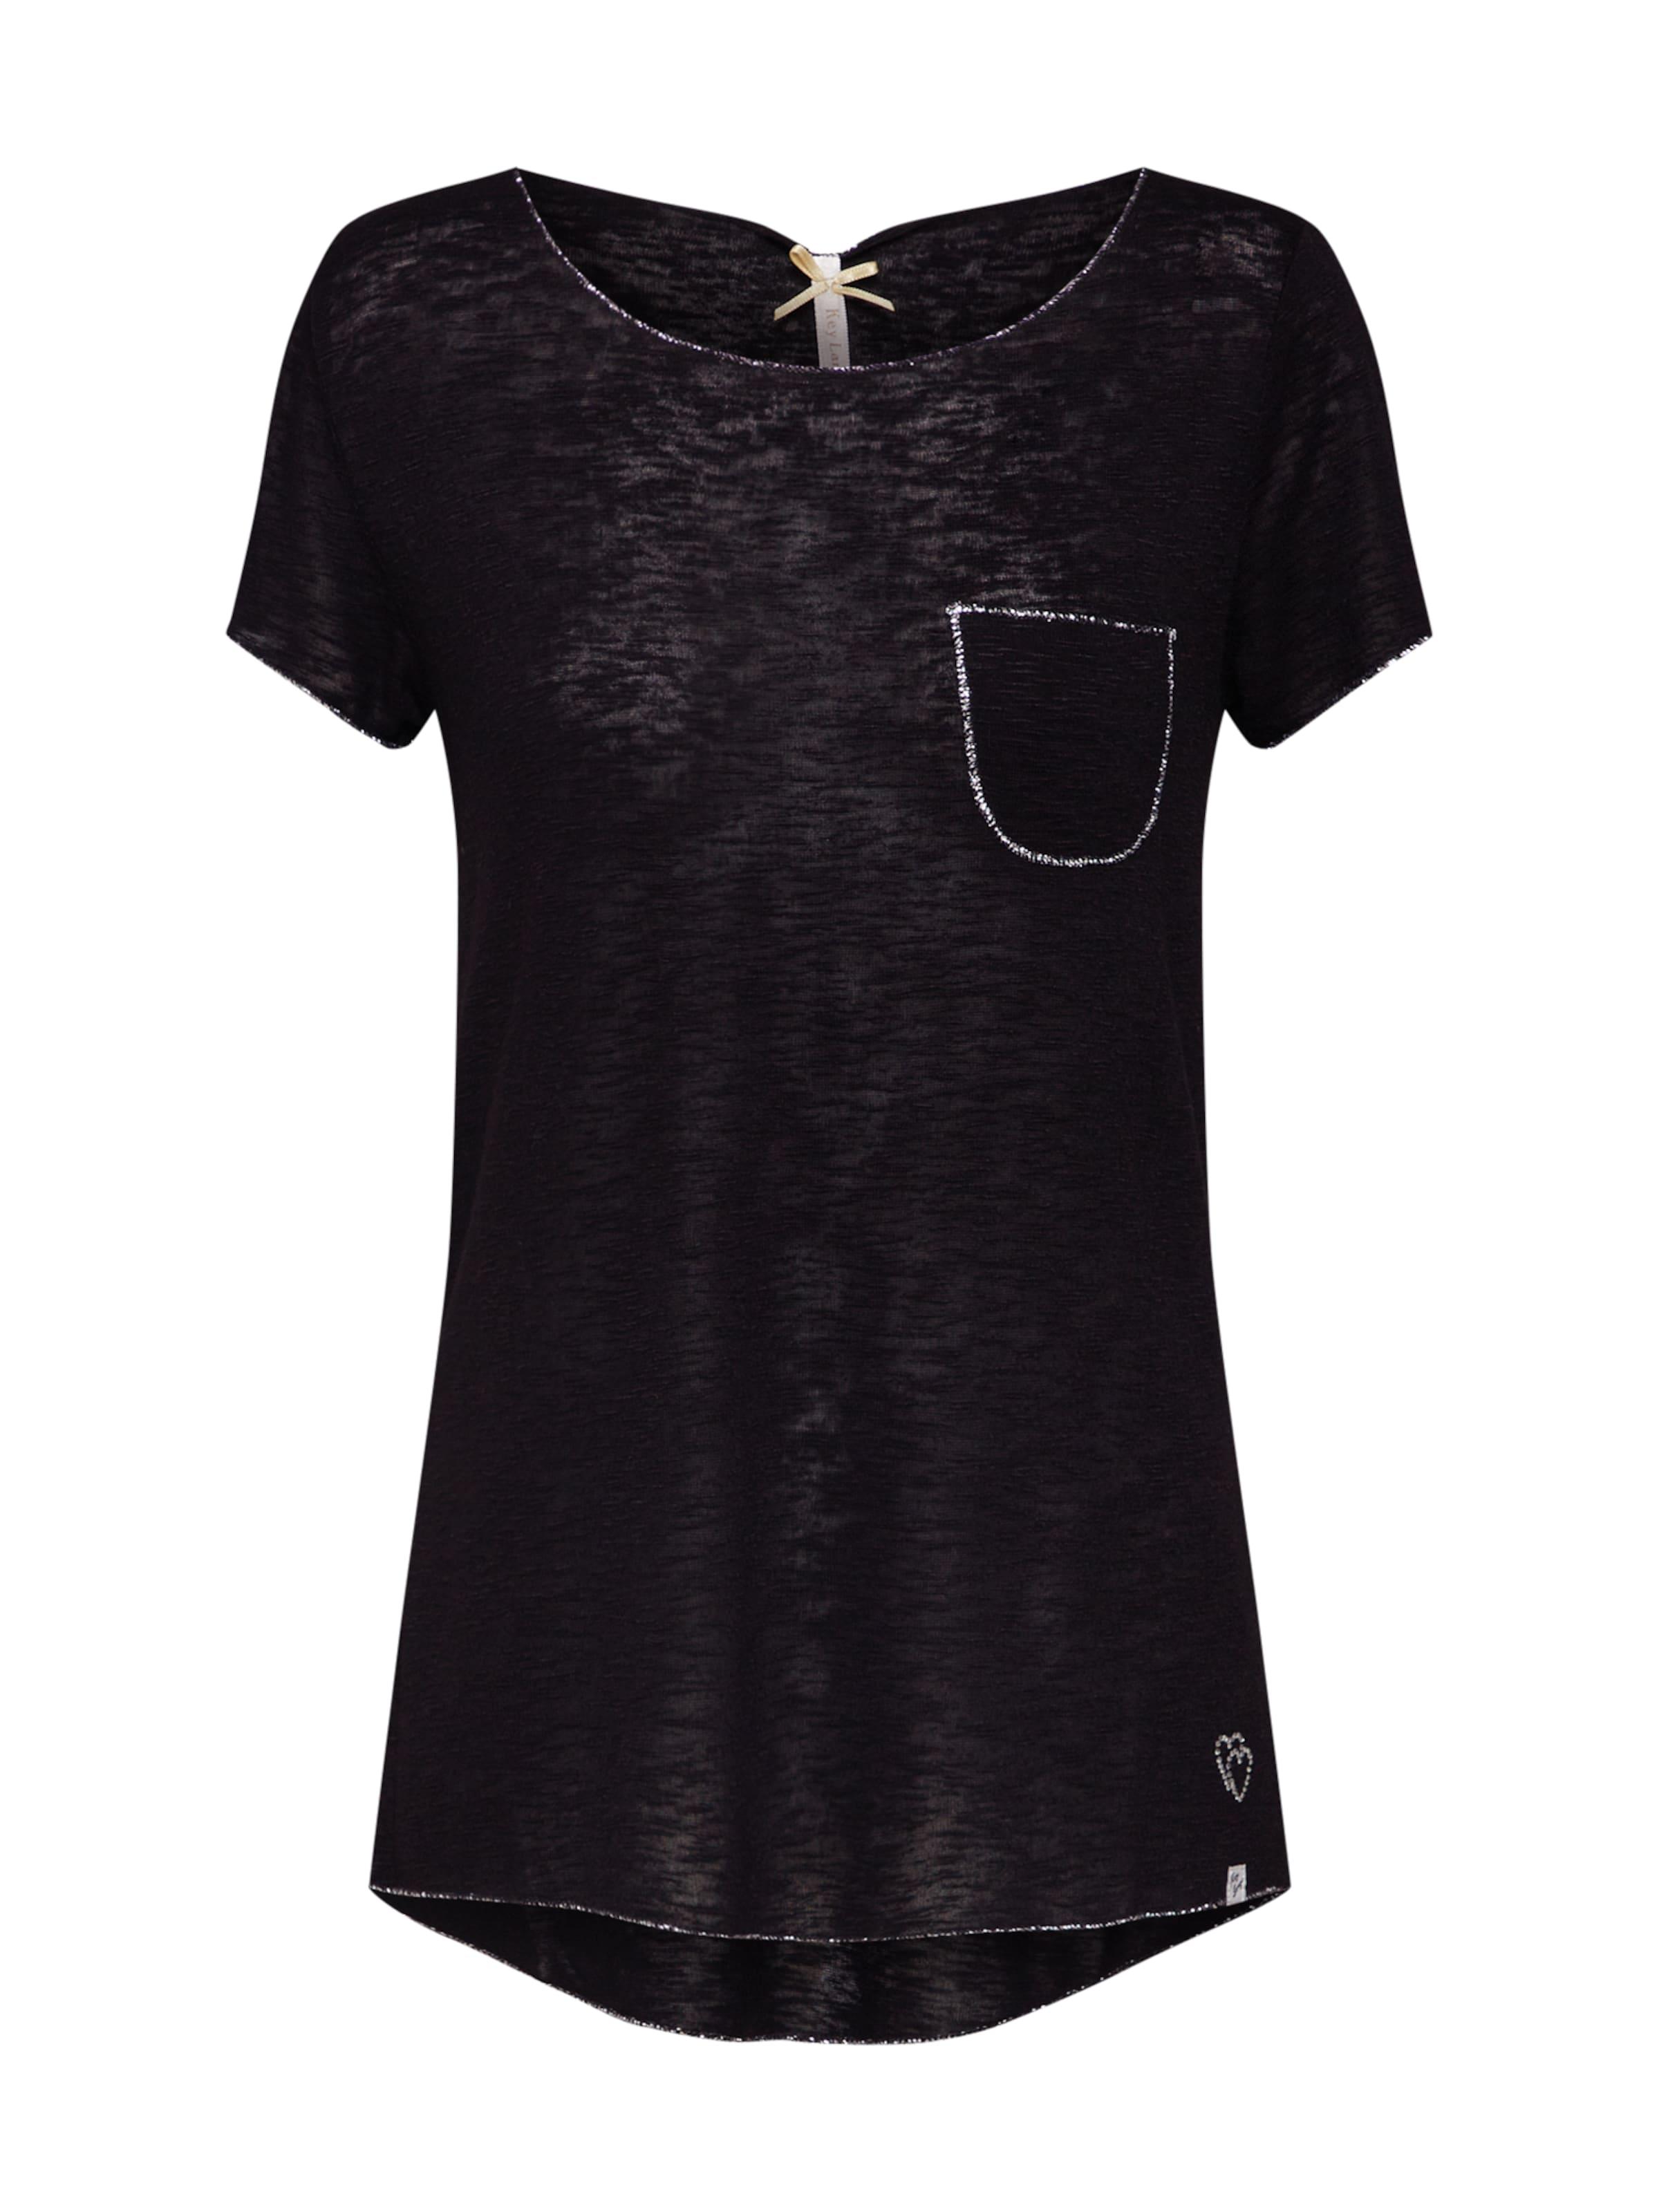 Key Largo Dublin 'wt New T Round' En shirt Noir QhxsrdCtB